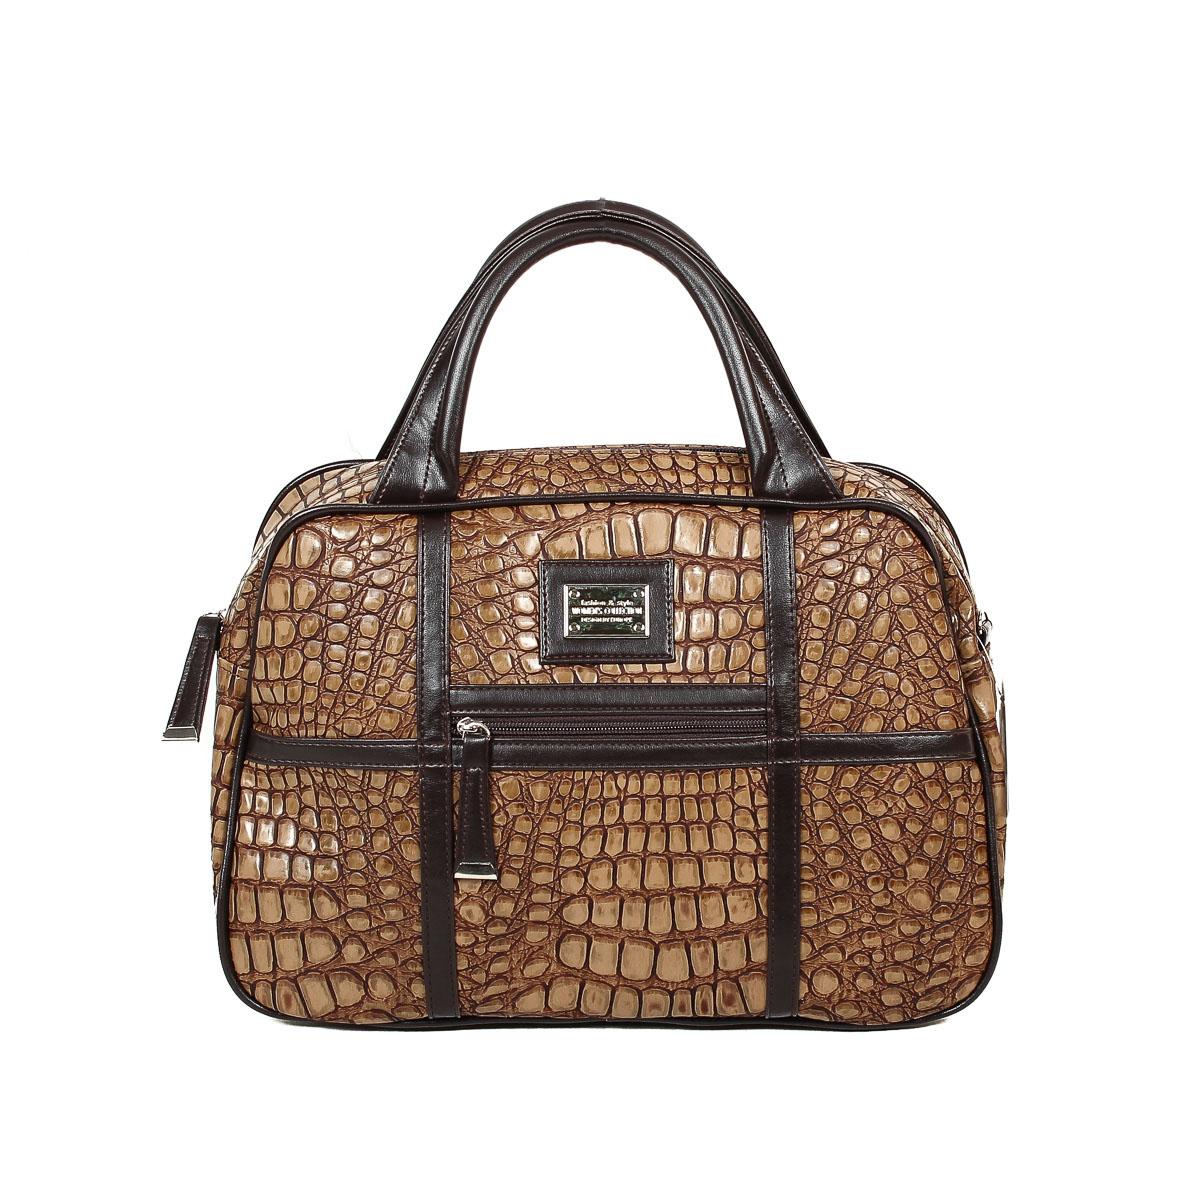 Сумка женская Zemsa, цвет: коричневый, бежевый. 124-27124-27Изысканная женская сумка Zemsa изготовлена из искусственной кожи, оформлена прострочкой. Изделие закрывается на удобную застежку-молнию. Внутри - одно вместительное отделение, несколько накладных карманчиков для мелочей, телефона и врезной карманчик на застежке-молнии. Внешняя сторона дополнена небольшим карманчиков на застежке-молнии. Роскошная сумка внесет элегантные нотки в ваш образ и подчеркнет ваше отменное чувство стиля.